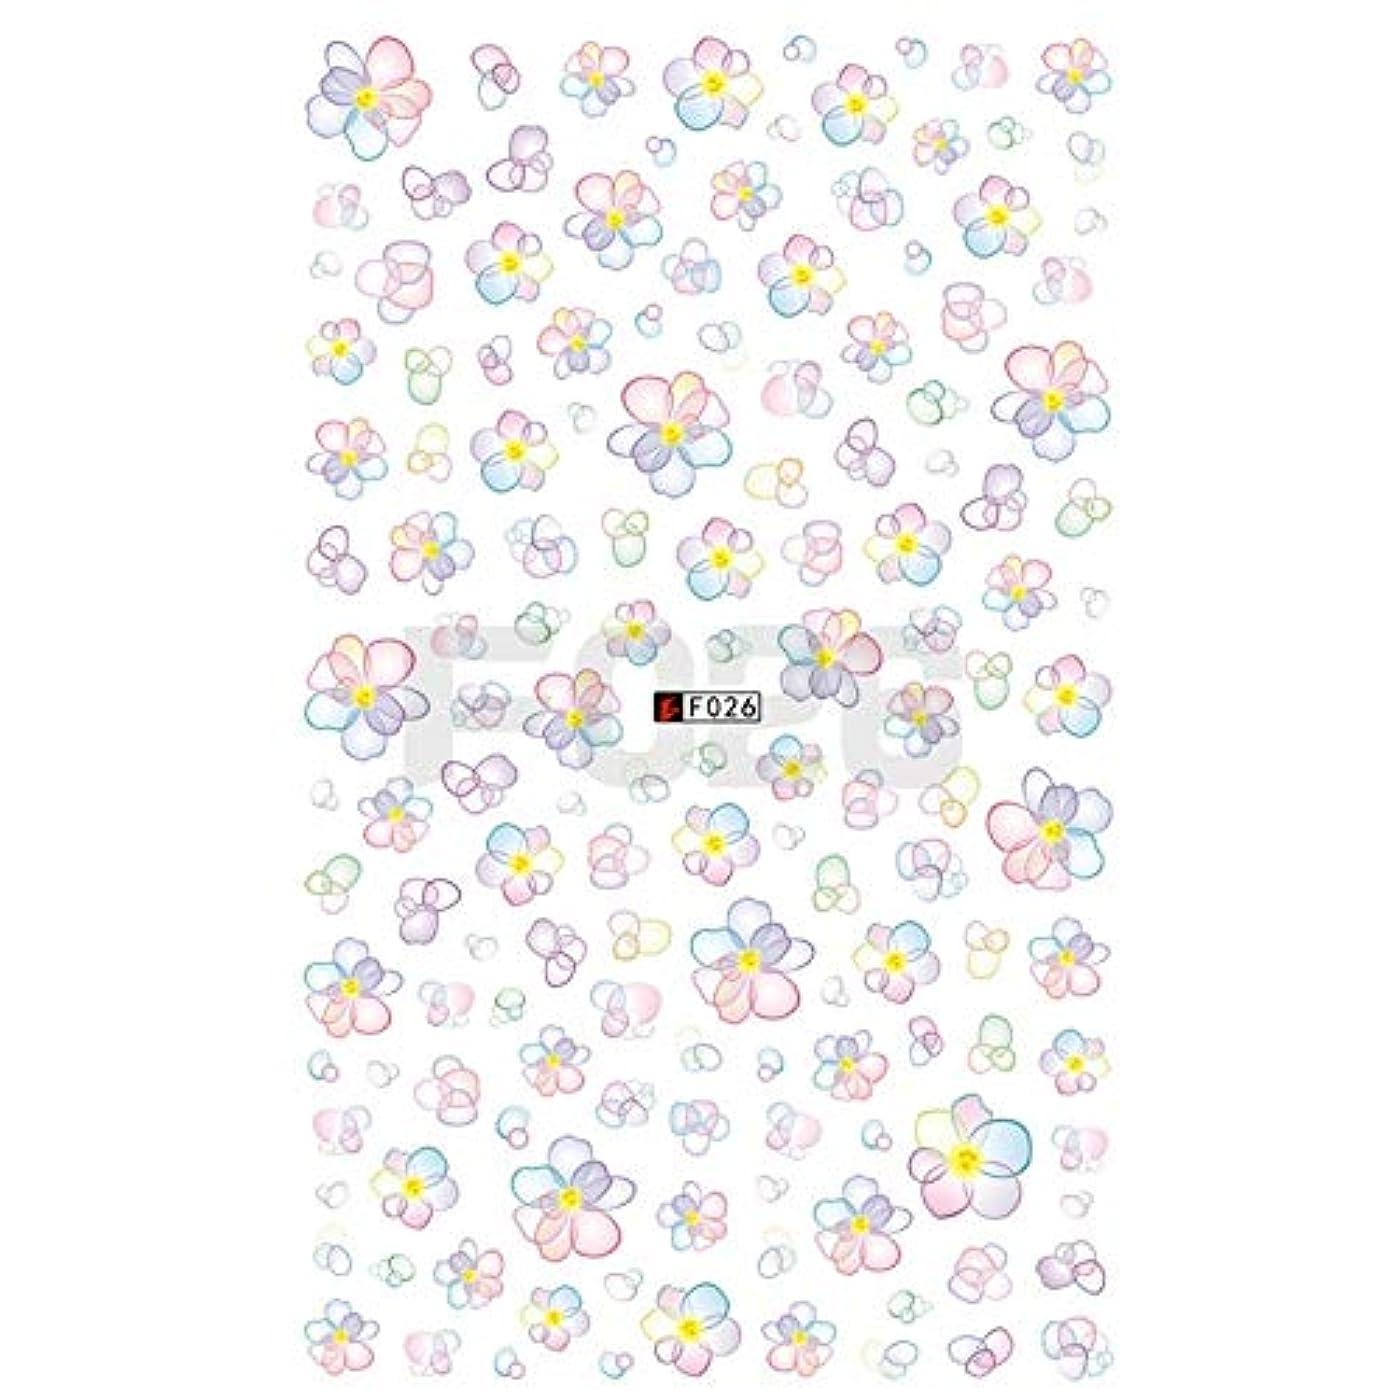 データ工場ラビリンスMEI1JIA CELINEZL 3 PCS 3Dネイルステッカー咲く花3Dネイルアートステッカーデカール(F199) (色 : F026)